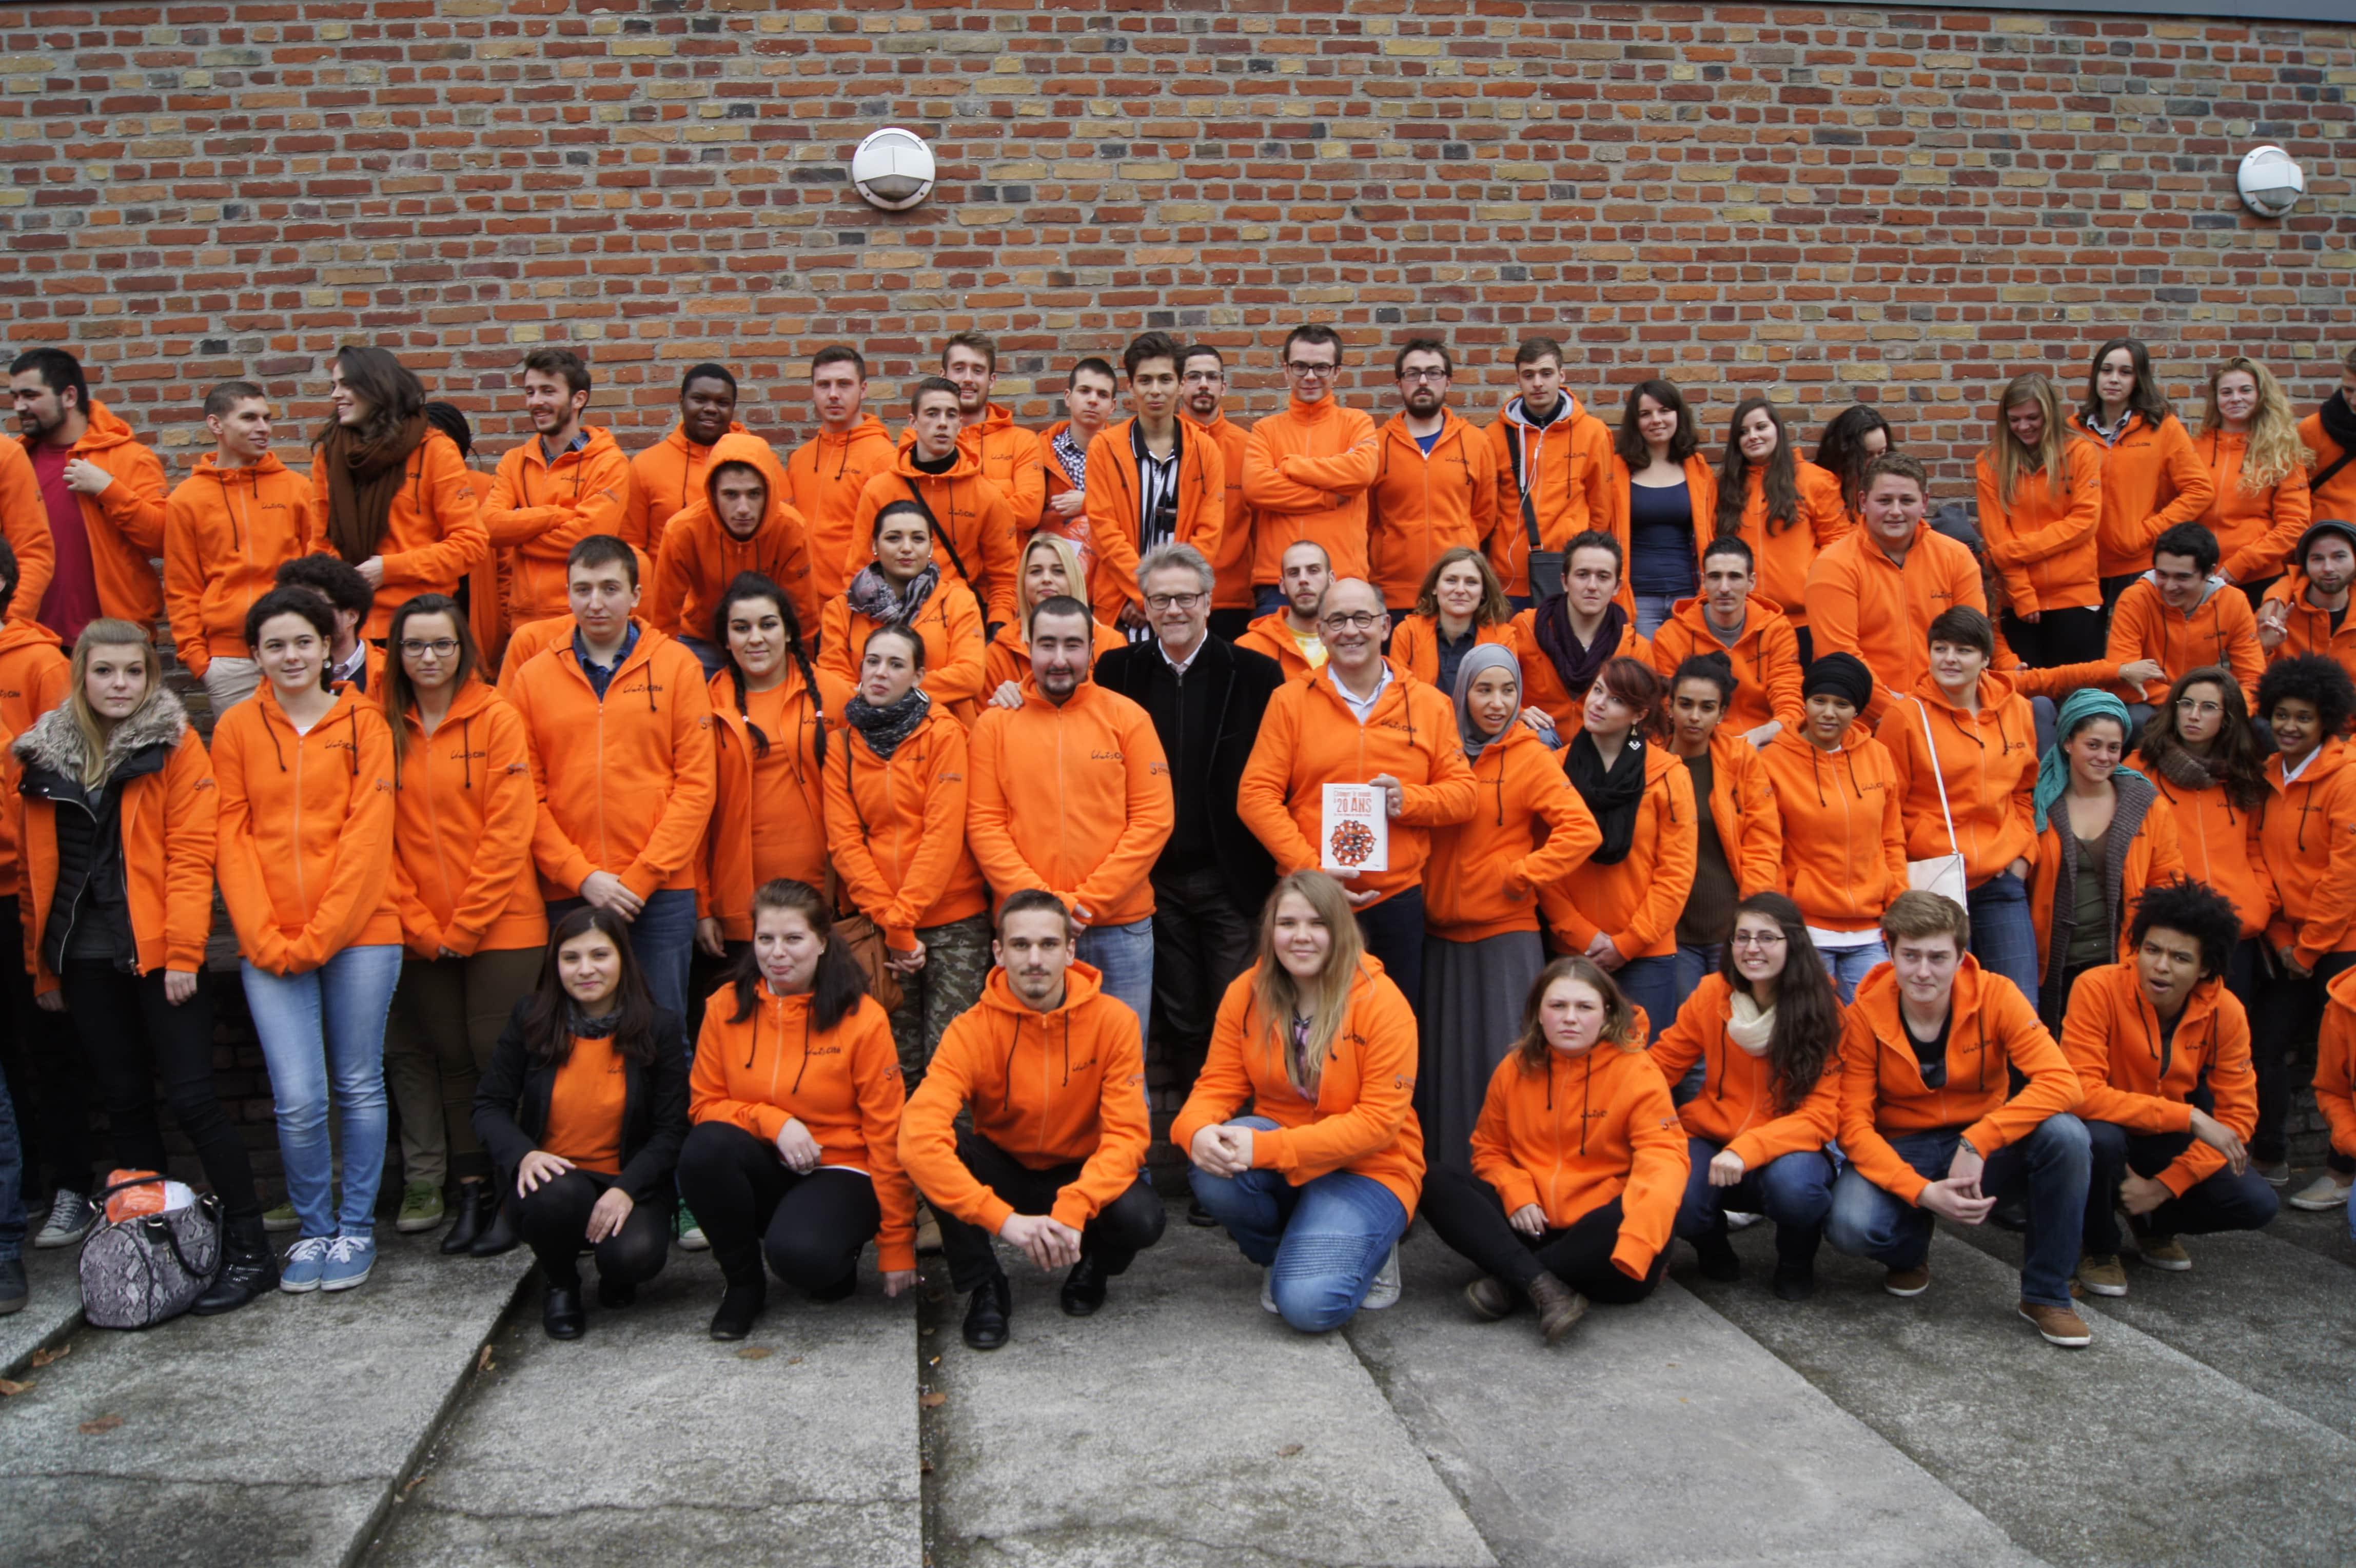 C'est la rentrée : Les 2000 premiers volontaires en service civique d'Unis-Cité arrivent sur le terrain !